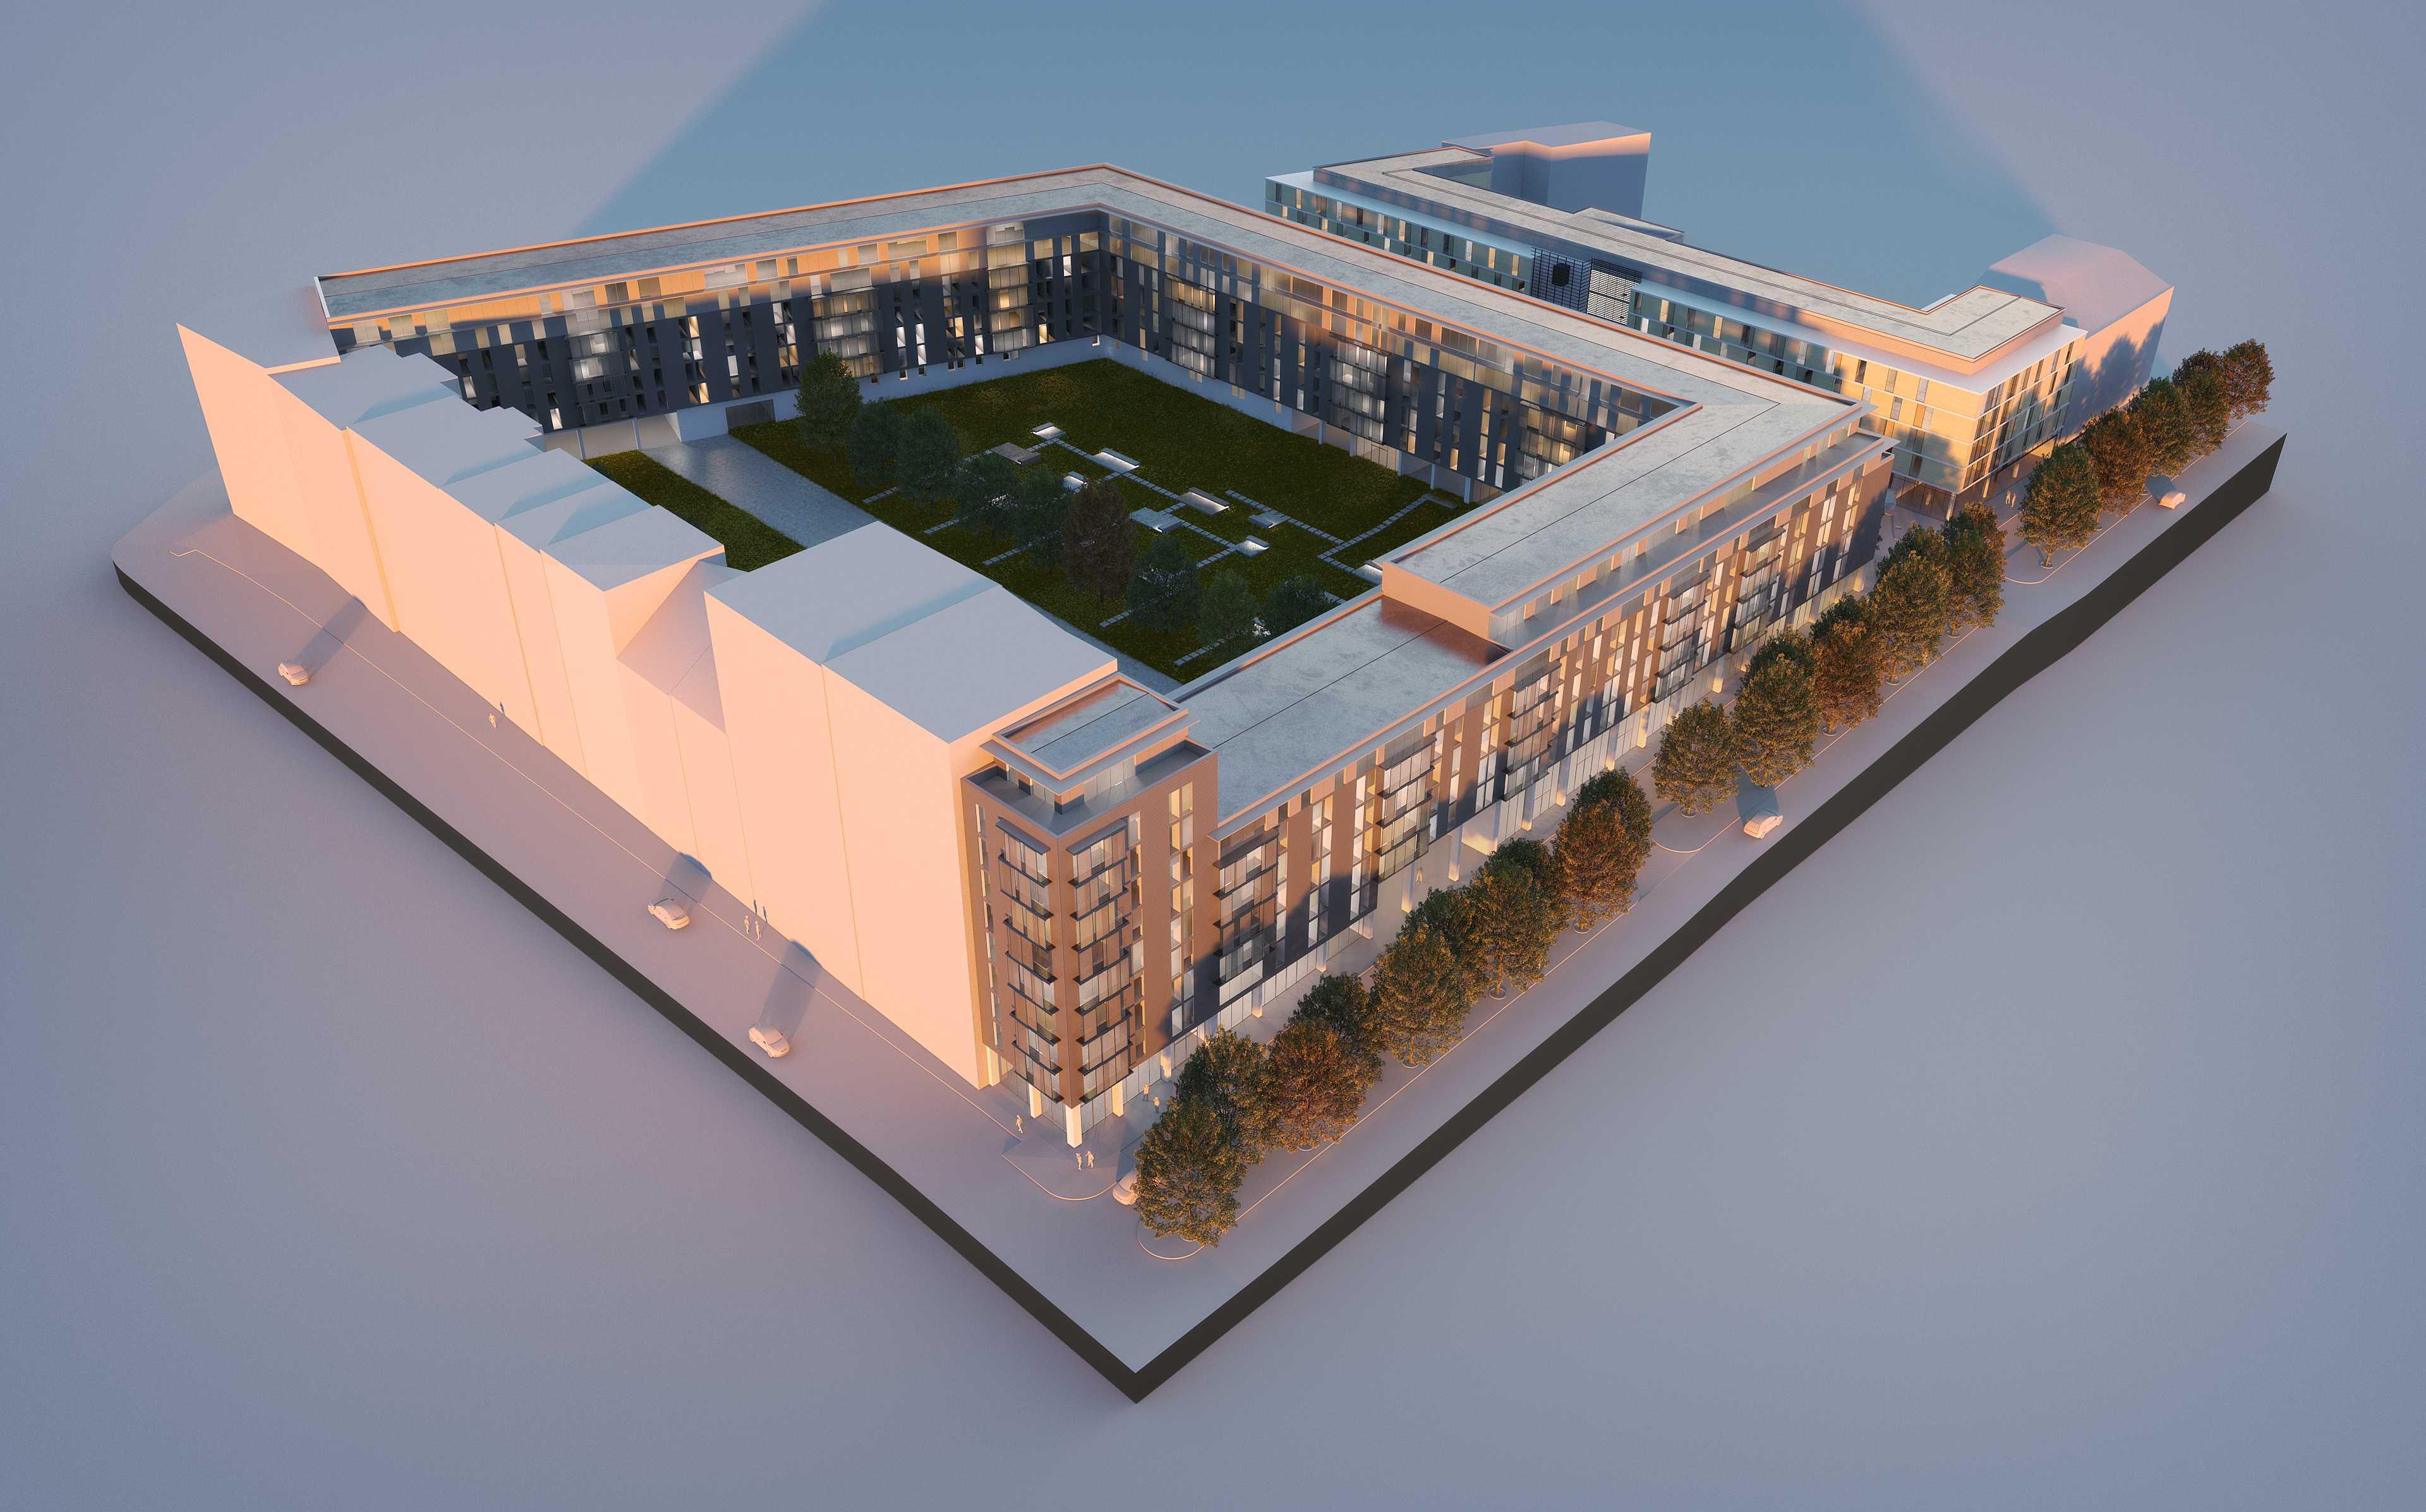 A residência de estudantes será gerida pela Nido Student / TPG Real Estate e Round Hill Capital